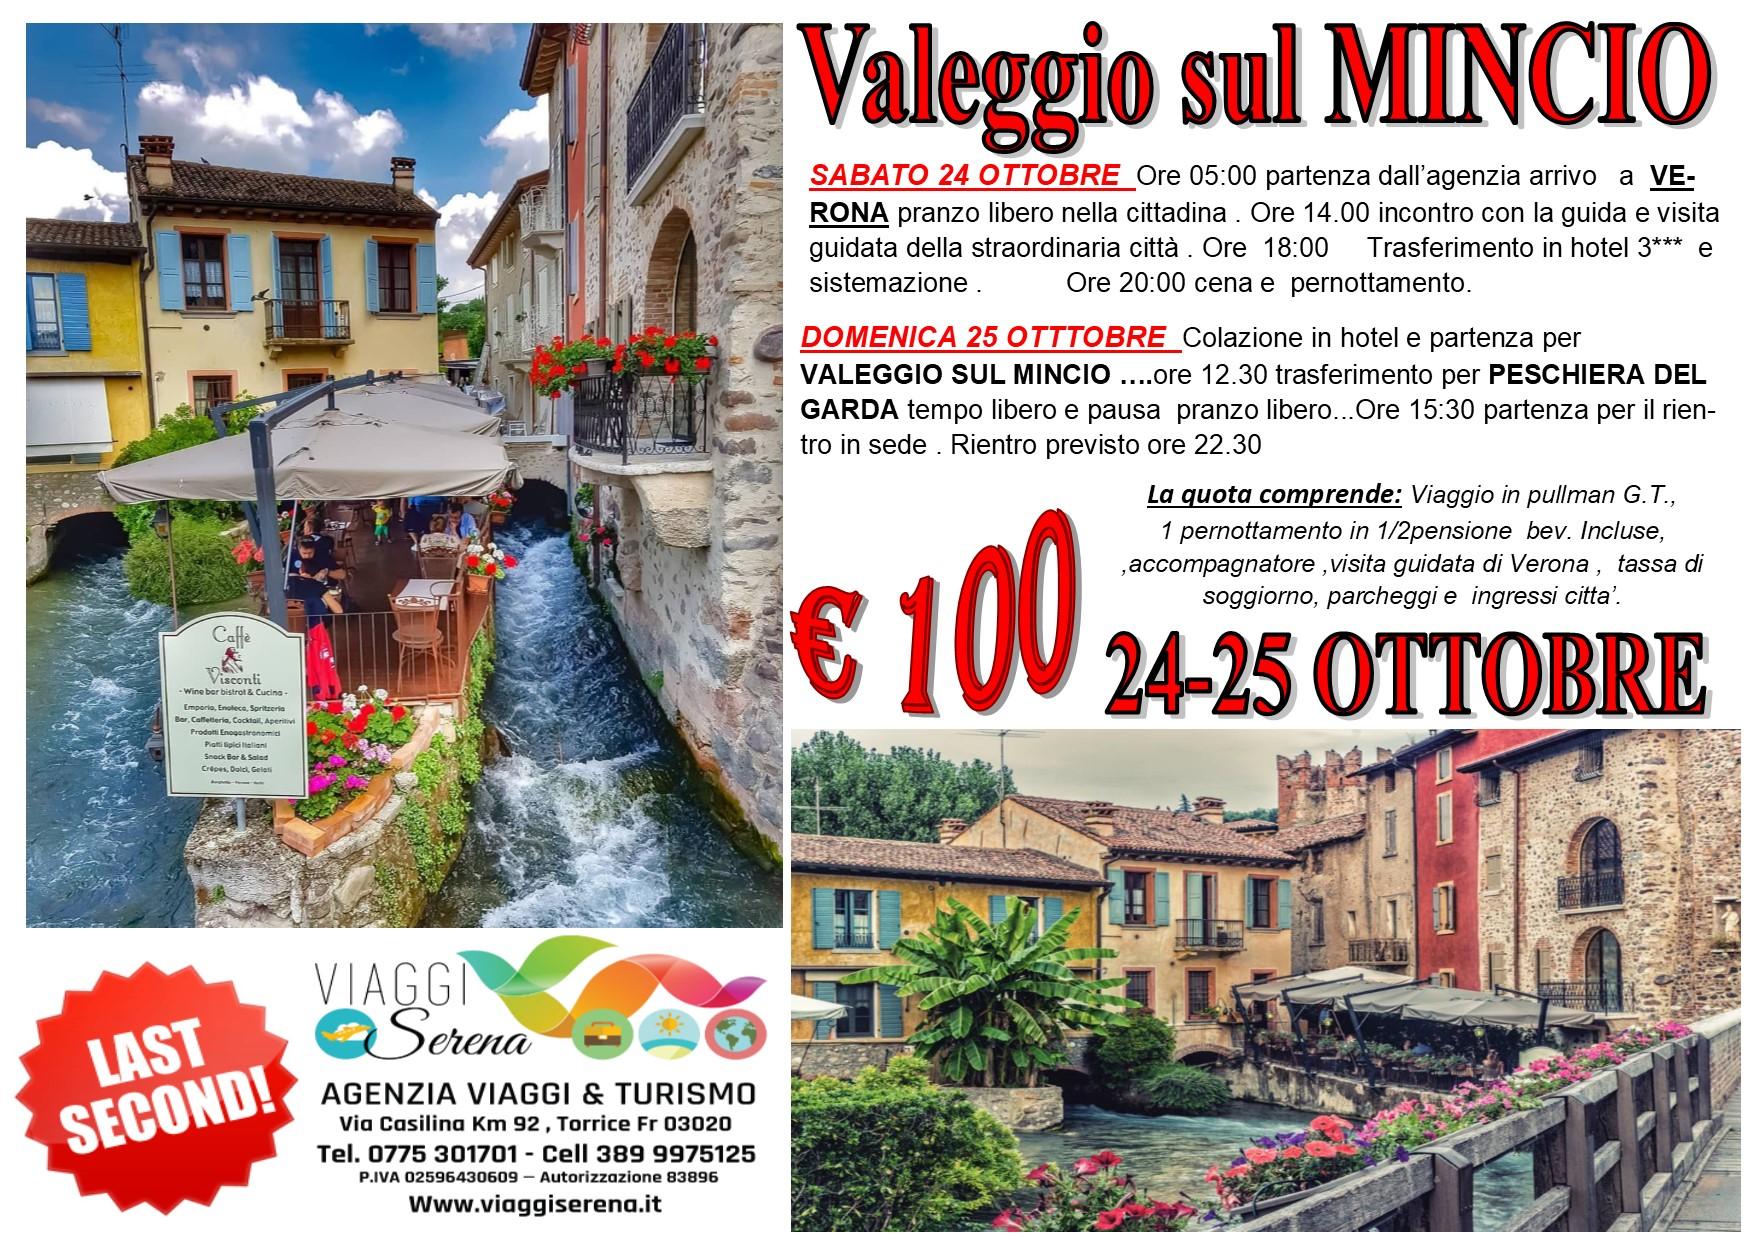 Viaggi di Gruppo: Valeggio sul MINCIO & Verona  24-25 Ottobre € 100,00